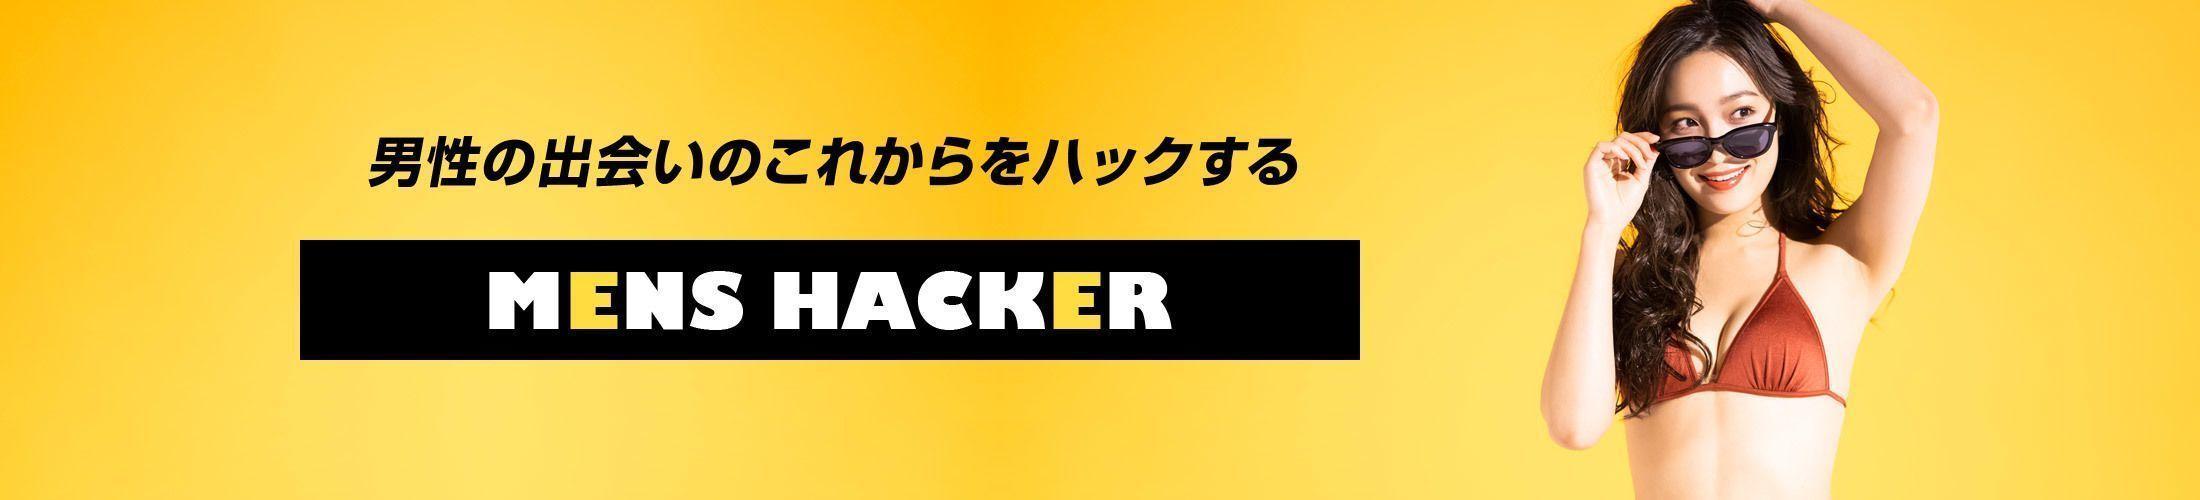 マッチングアプリ MENS HACKER